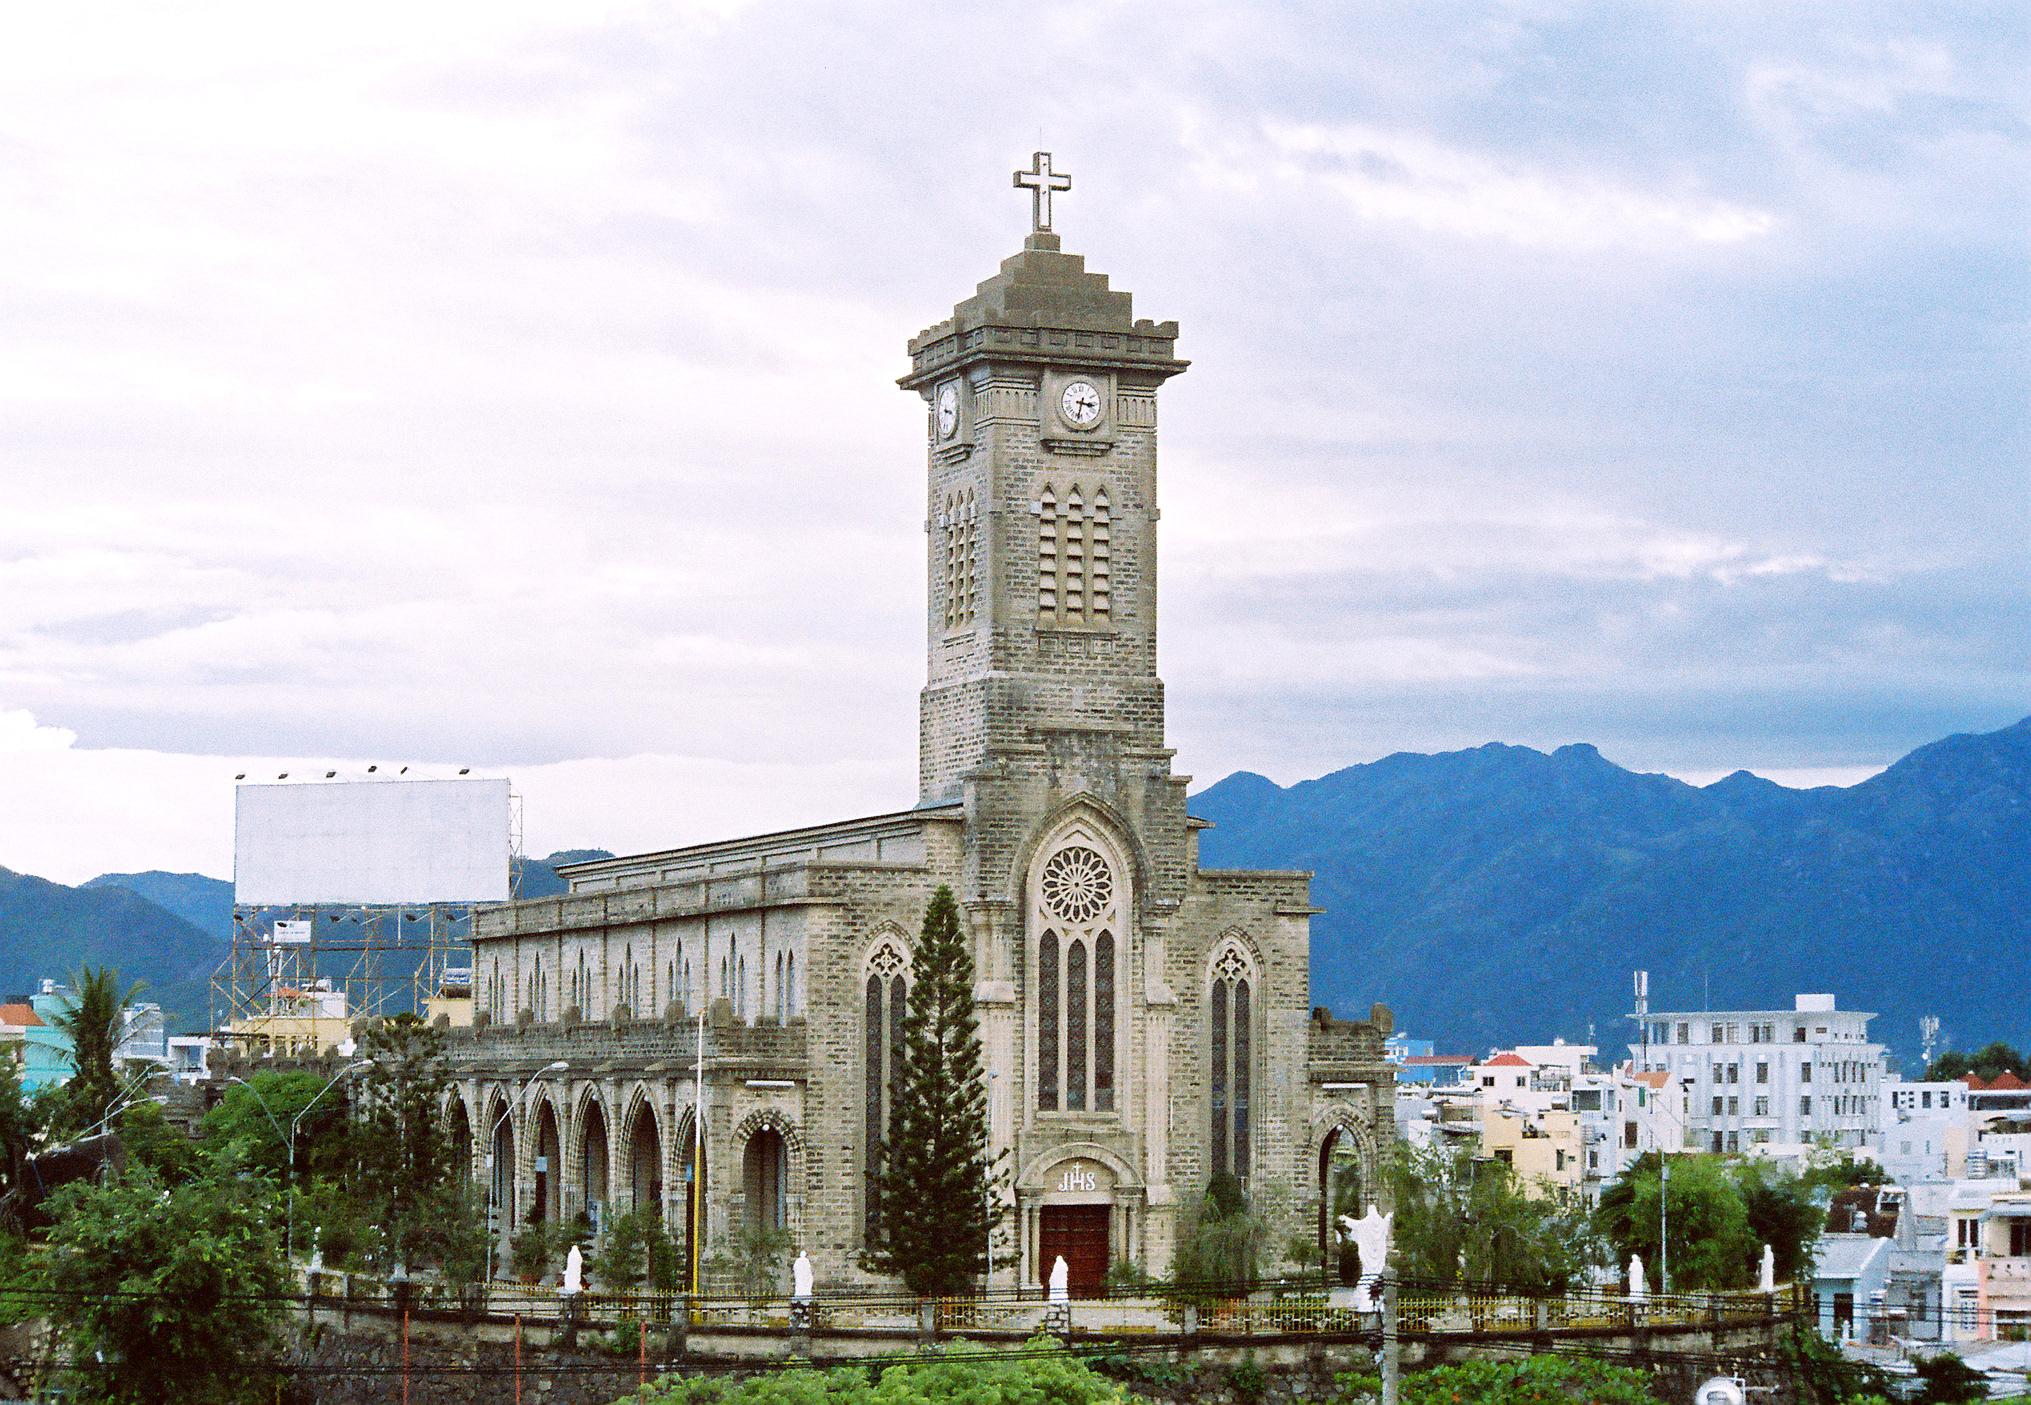 Nhà thờ núi Nha Trang (hay còn gọi là Nhà thờ Đá)